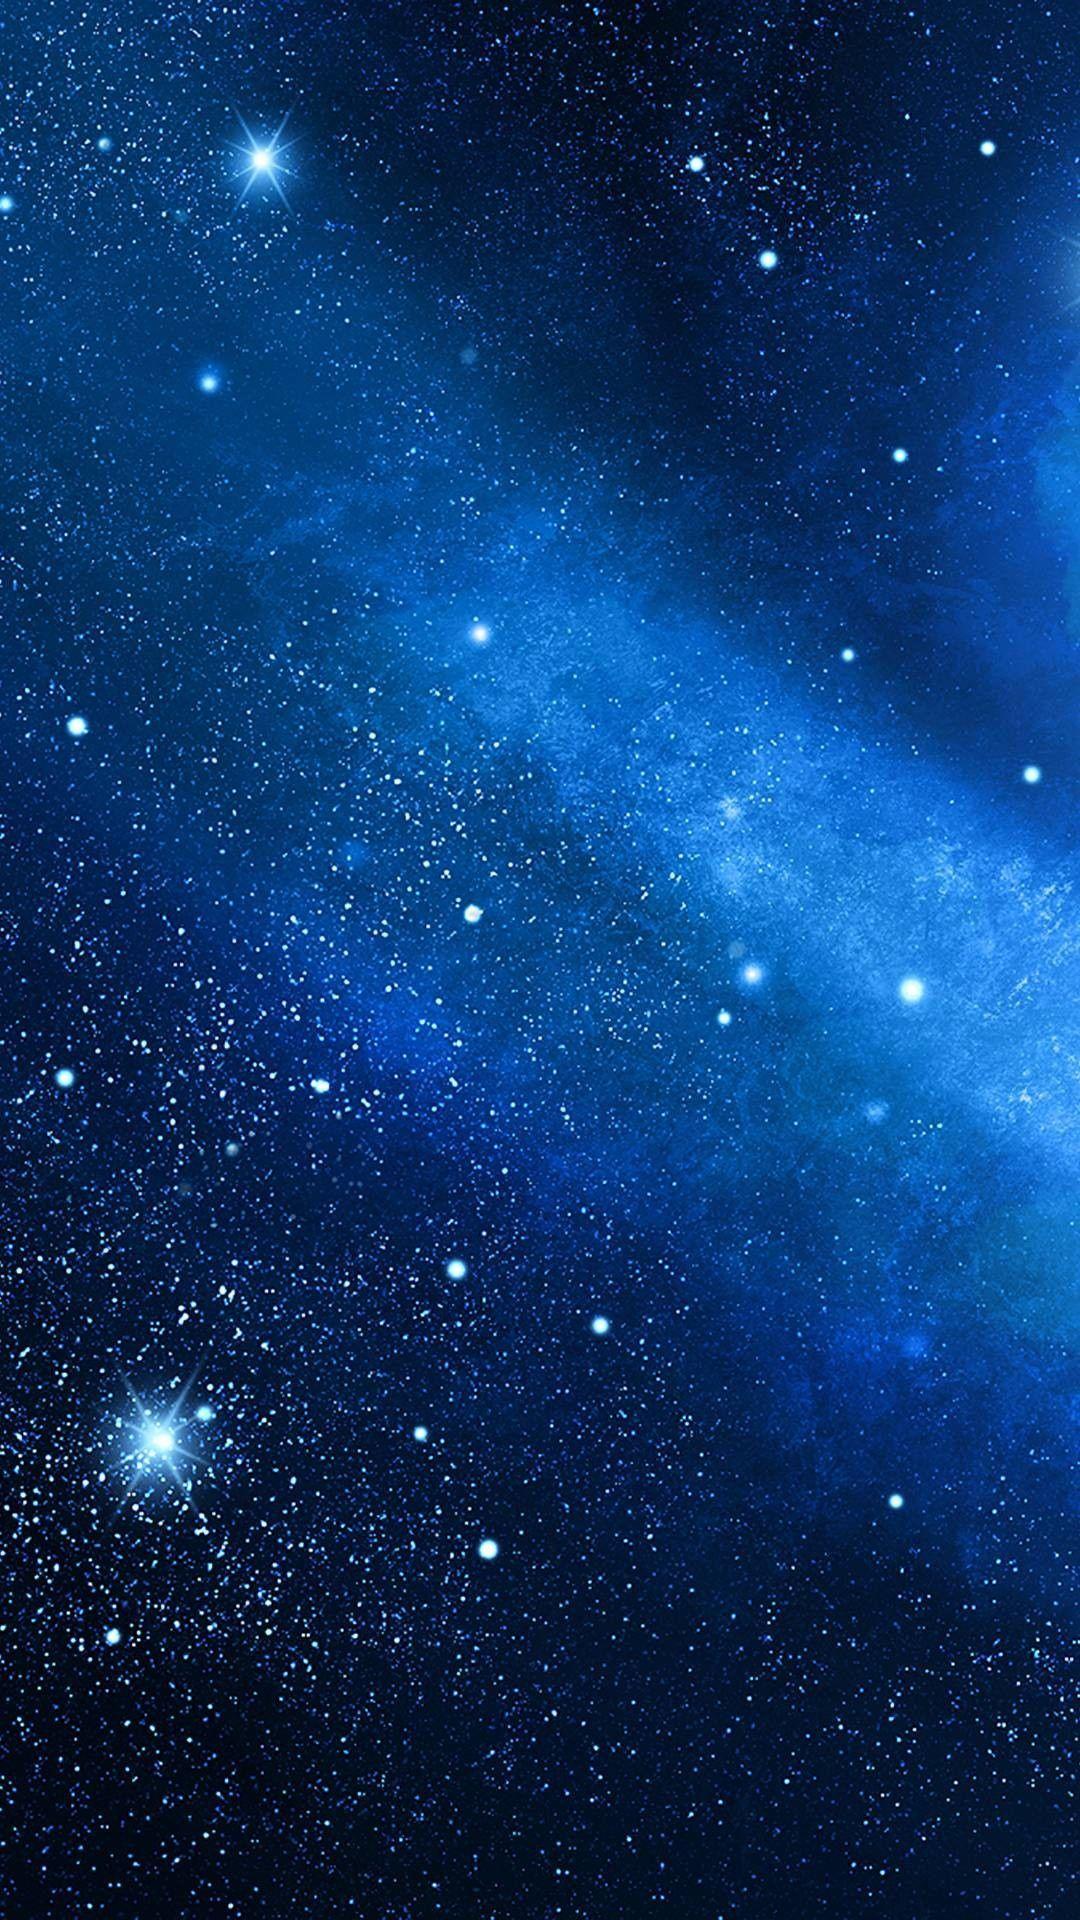 Galaxy Wallpaper Descargar Hupages Iphone Fondos Blue Galaxy Wallpaper Dark Blue Wallpaper Hd Galaxy Wallpaper